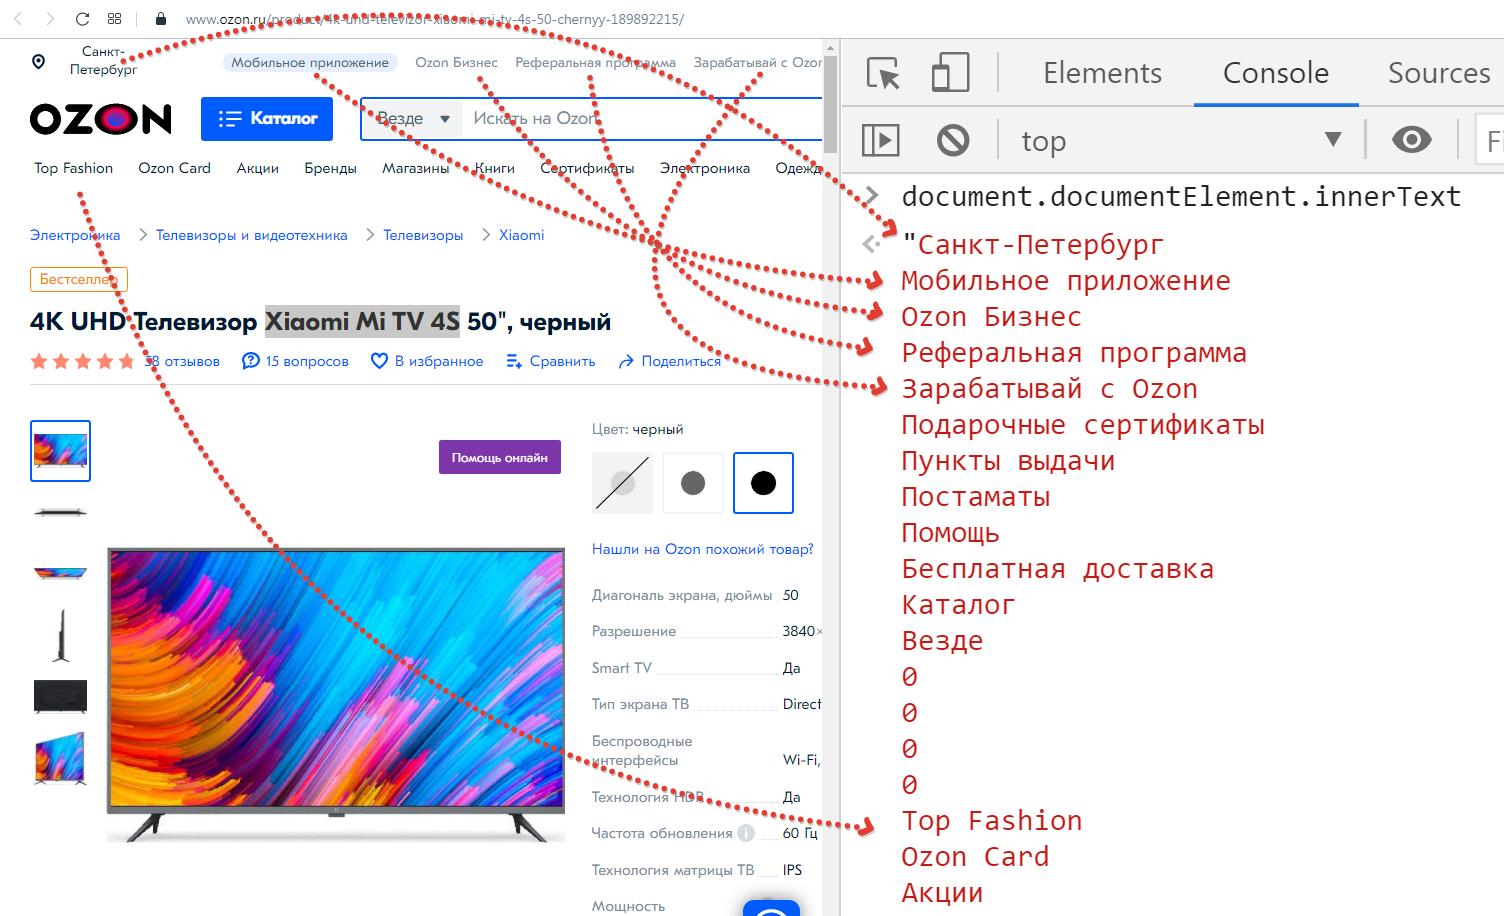 Текст с переносами со всей страницы - JavaScript